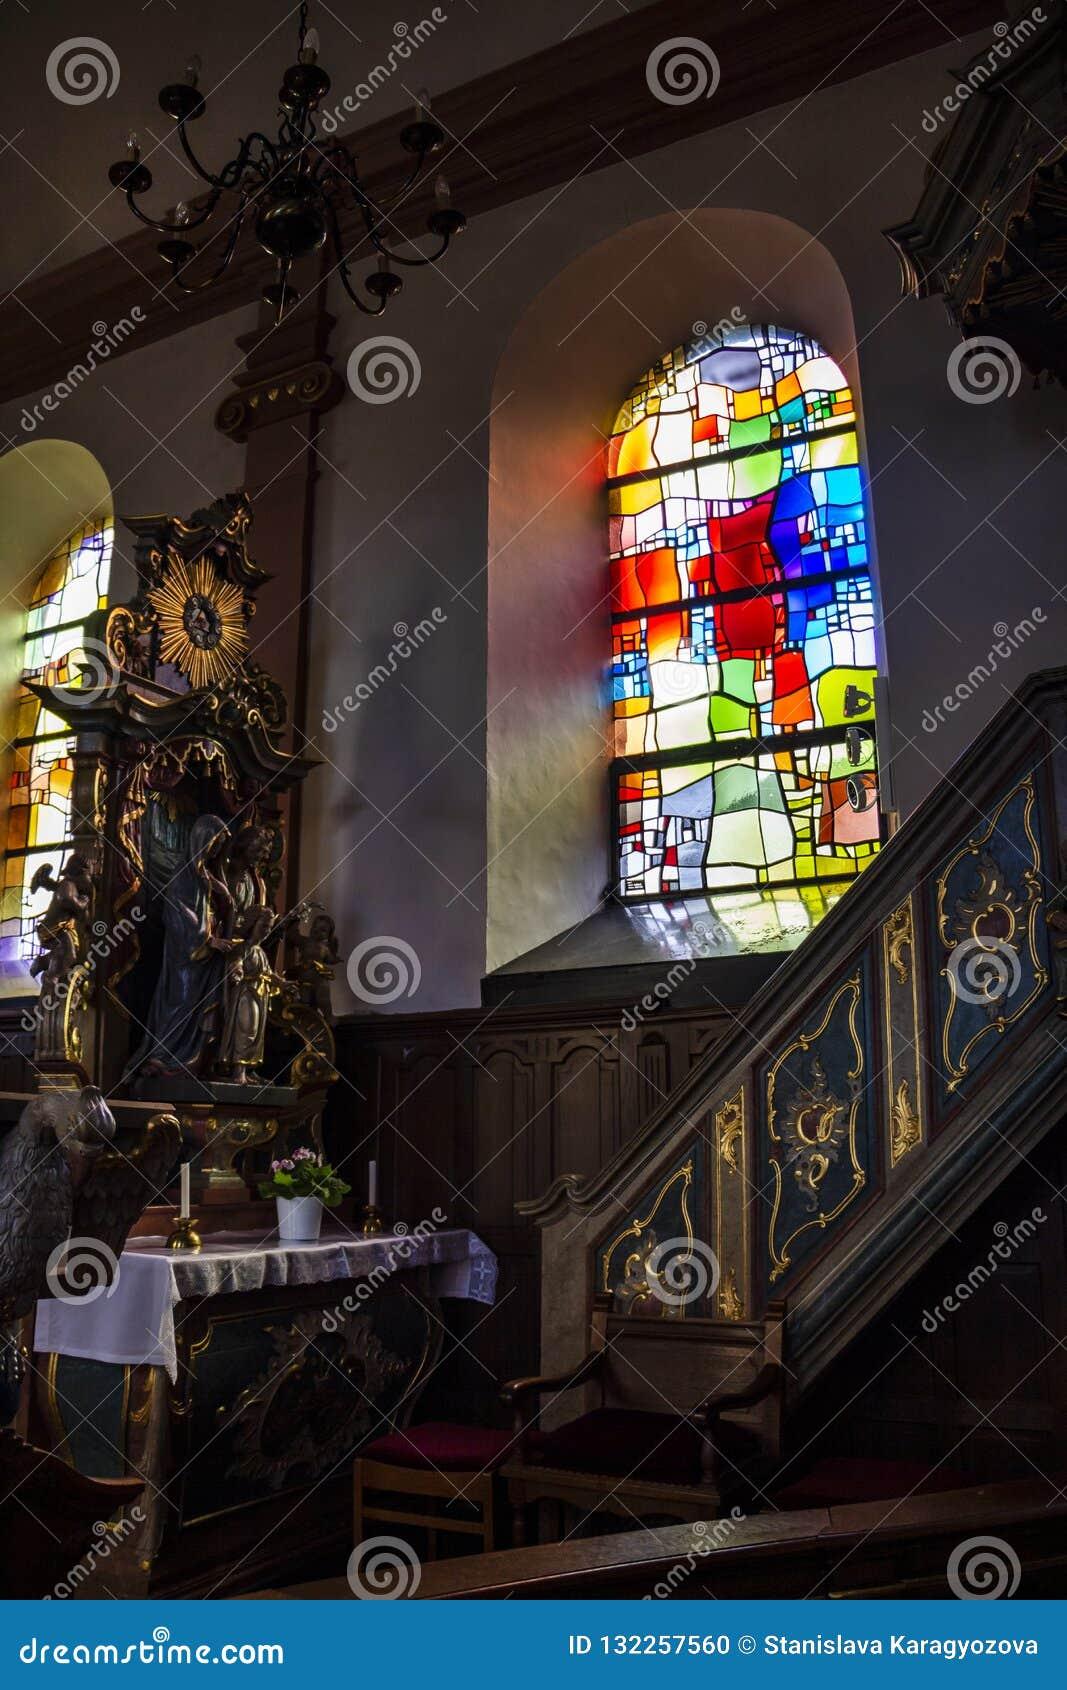 Όμορφο μπαρόκ εσωτερικό με ένα λεκιασμένο παράθυρο γυαλιού στην εκκλησία του ST Martin σε Hachiville, Λουξεμβούργο από το εργαστή